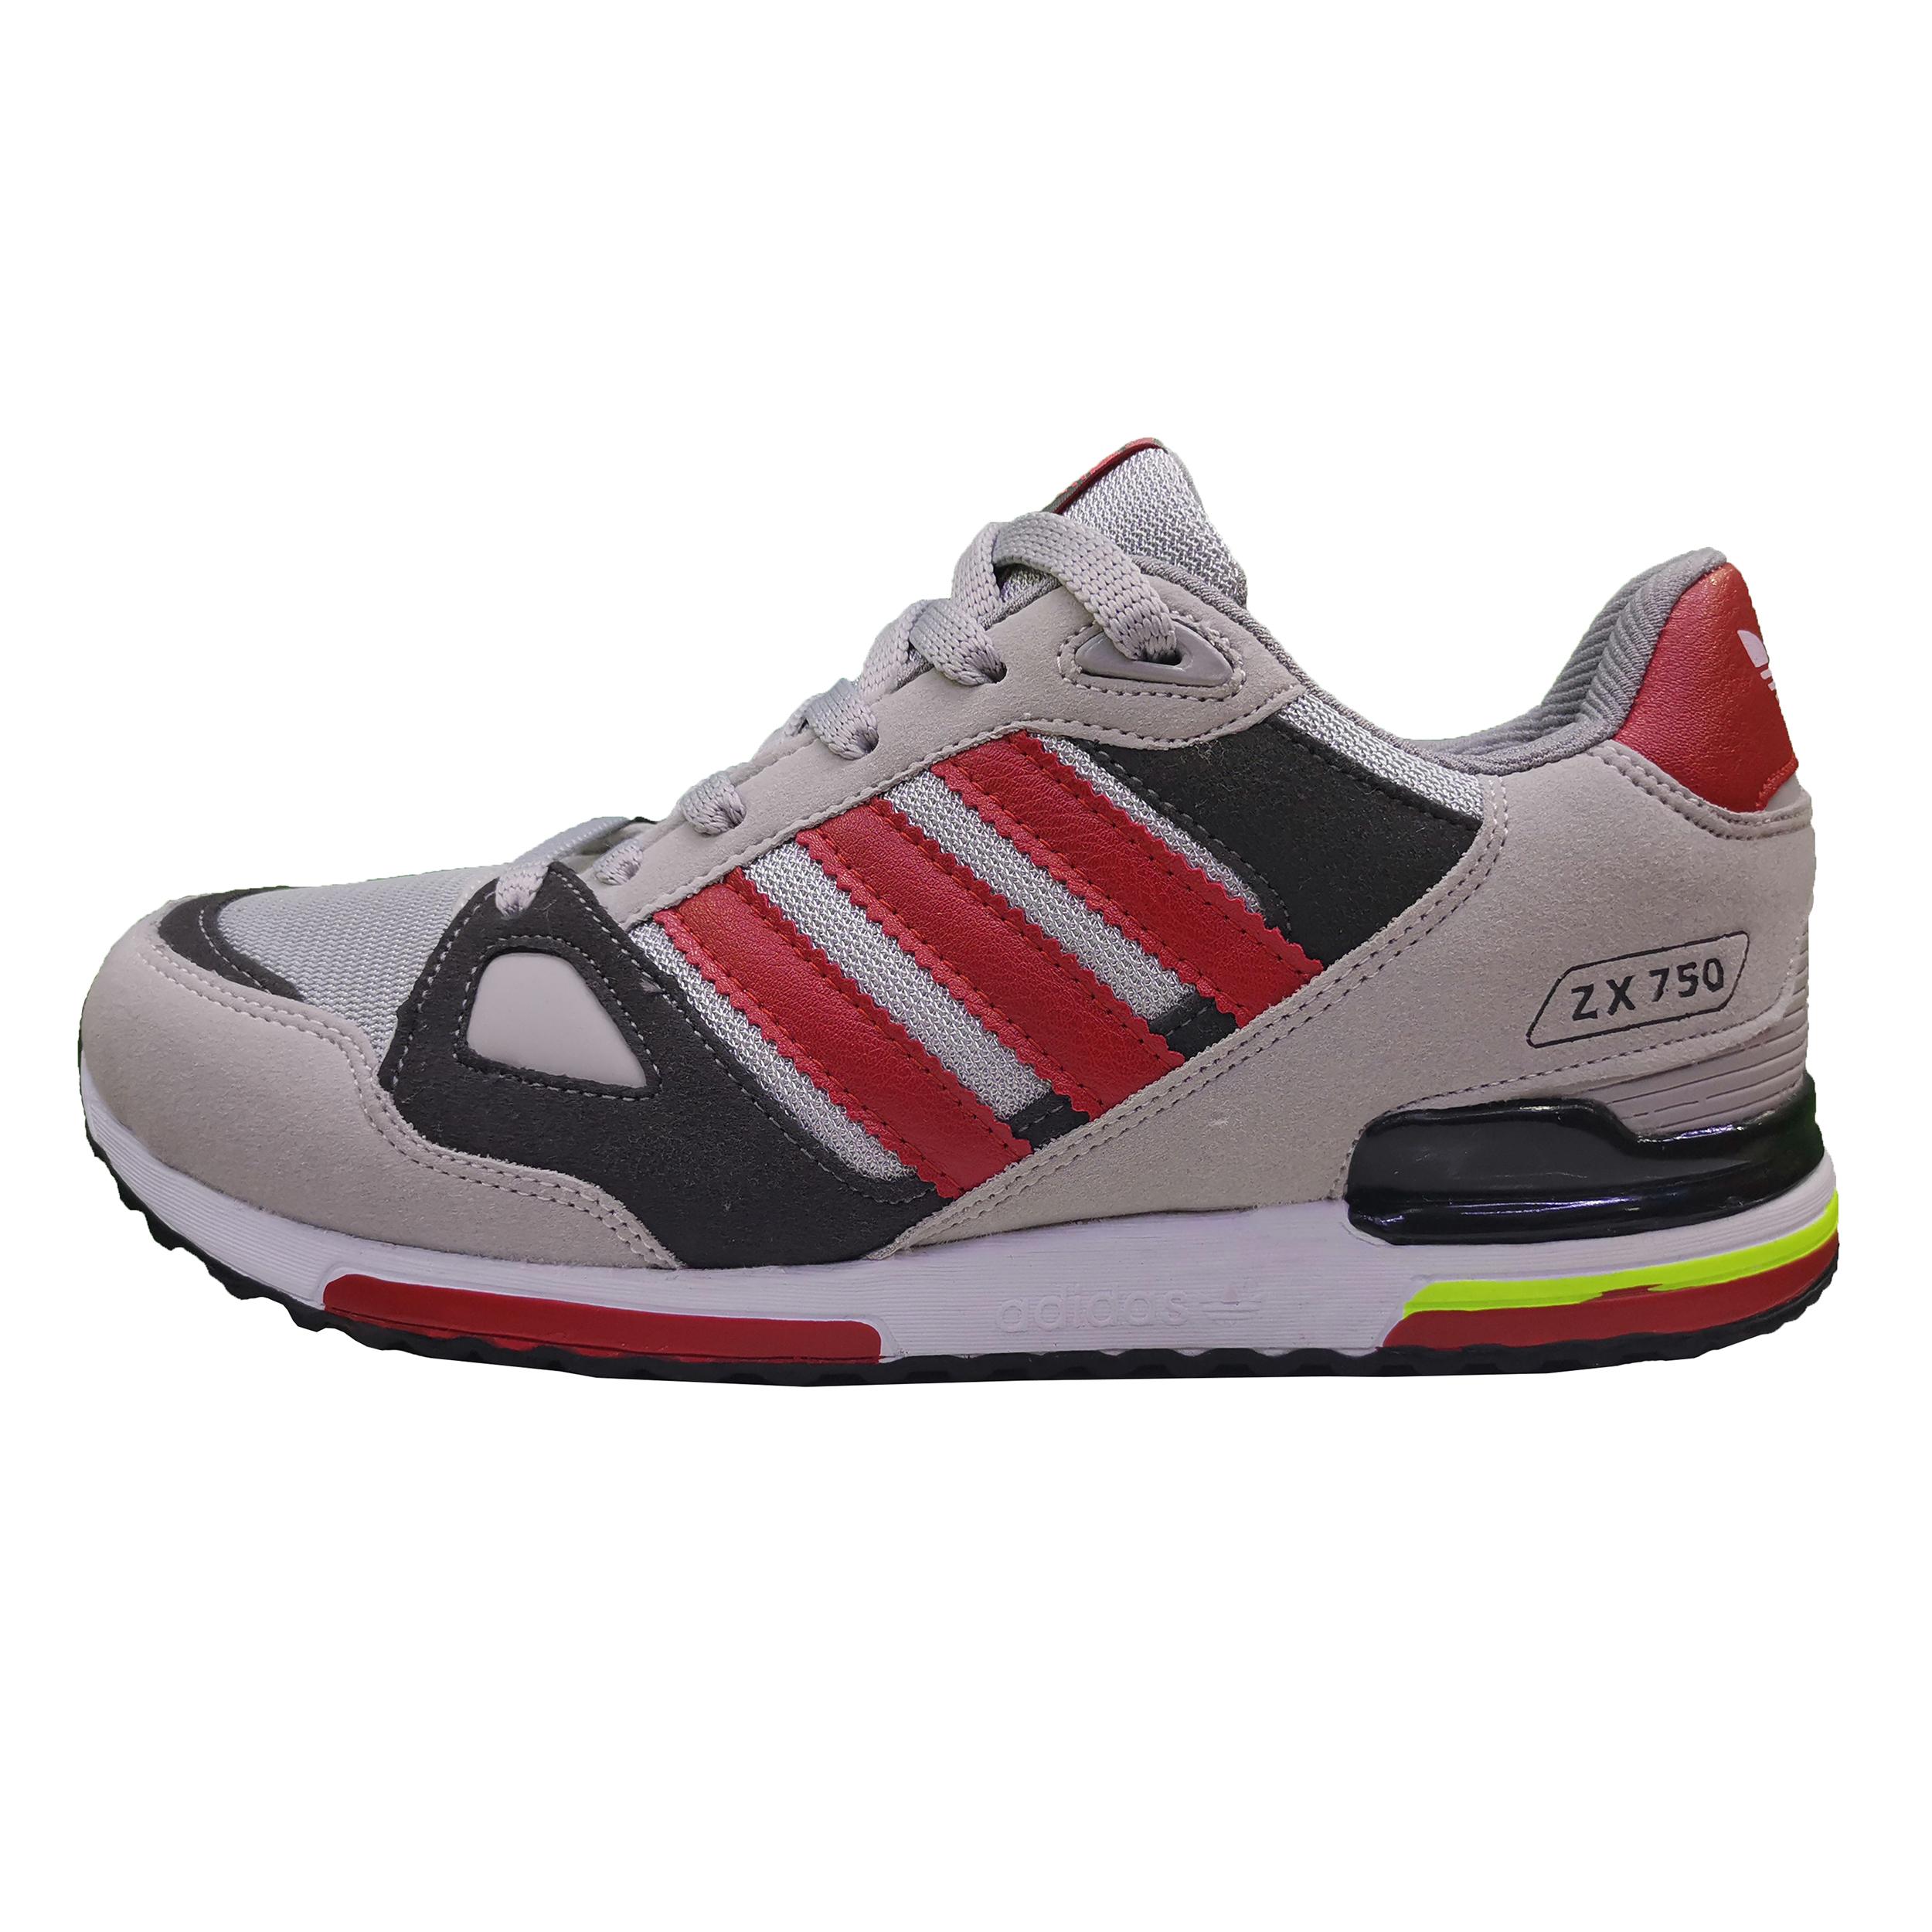 خرید                      کفش راحتی مردانه مدل zx 750 کد R1              👟